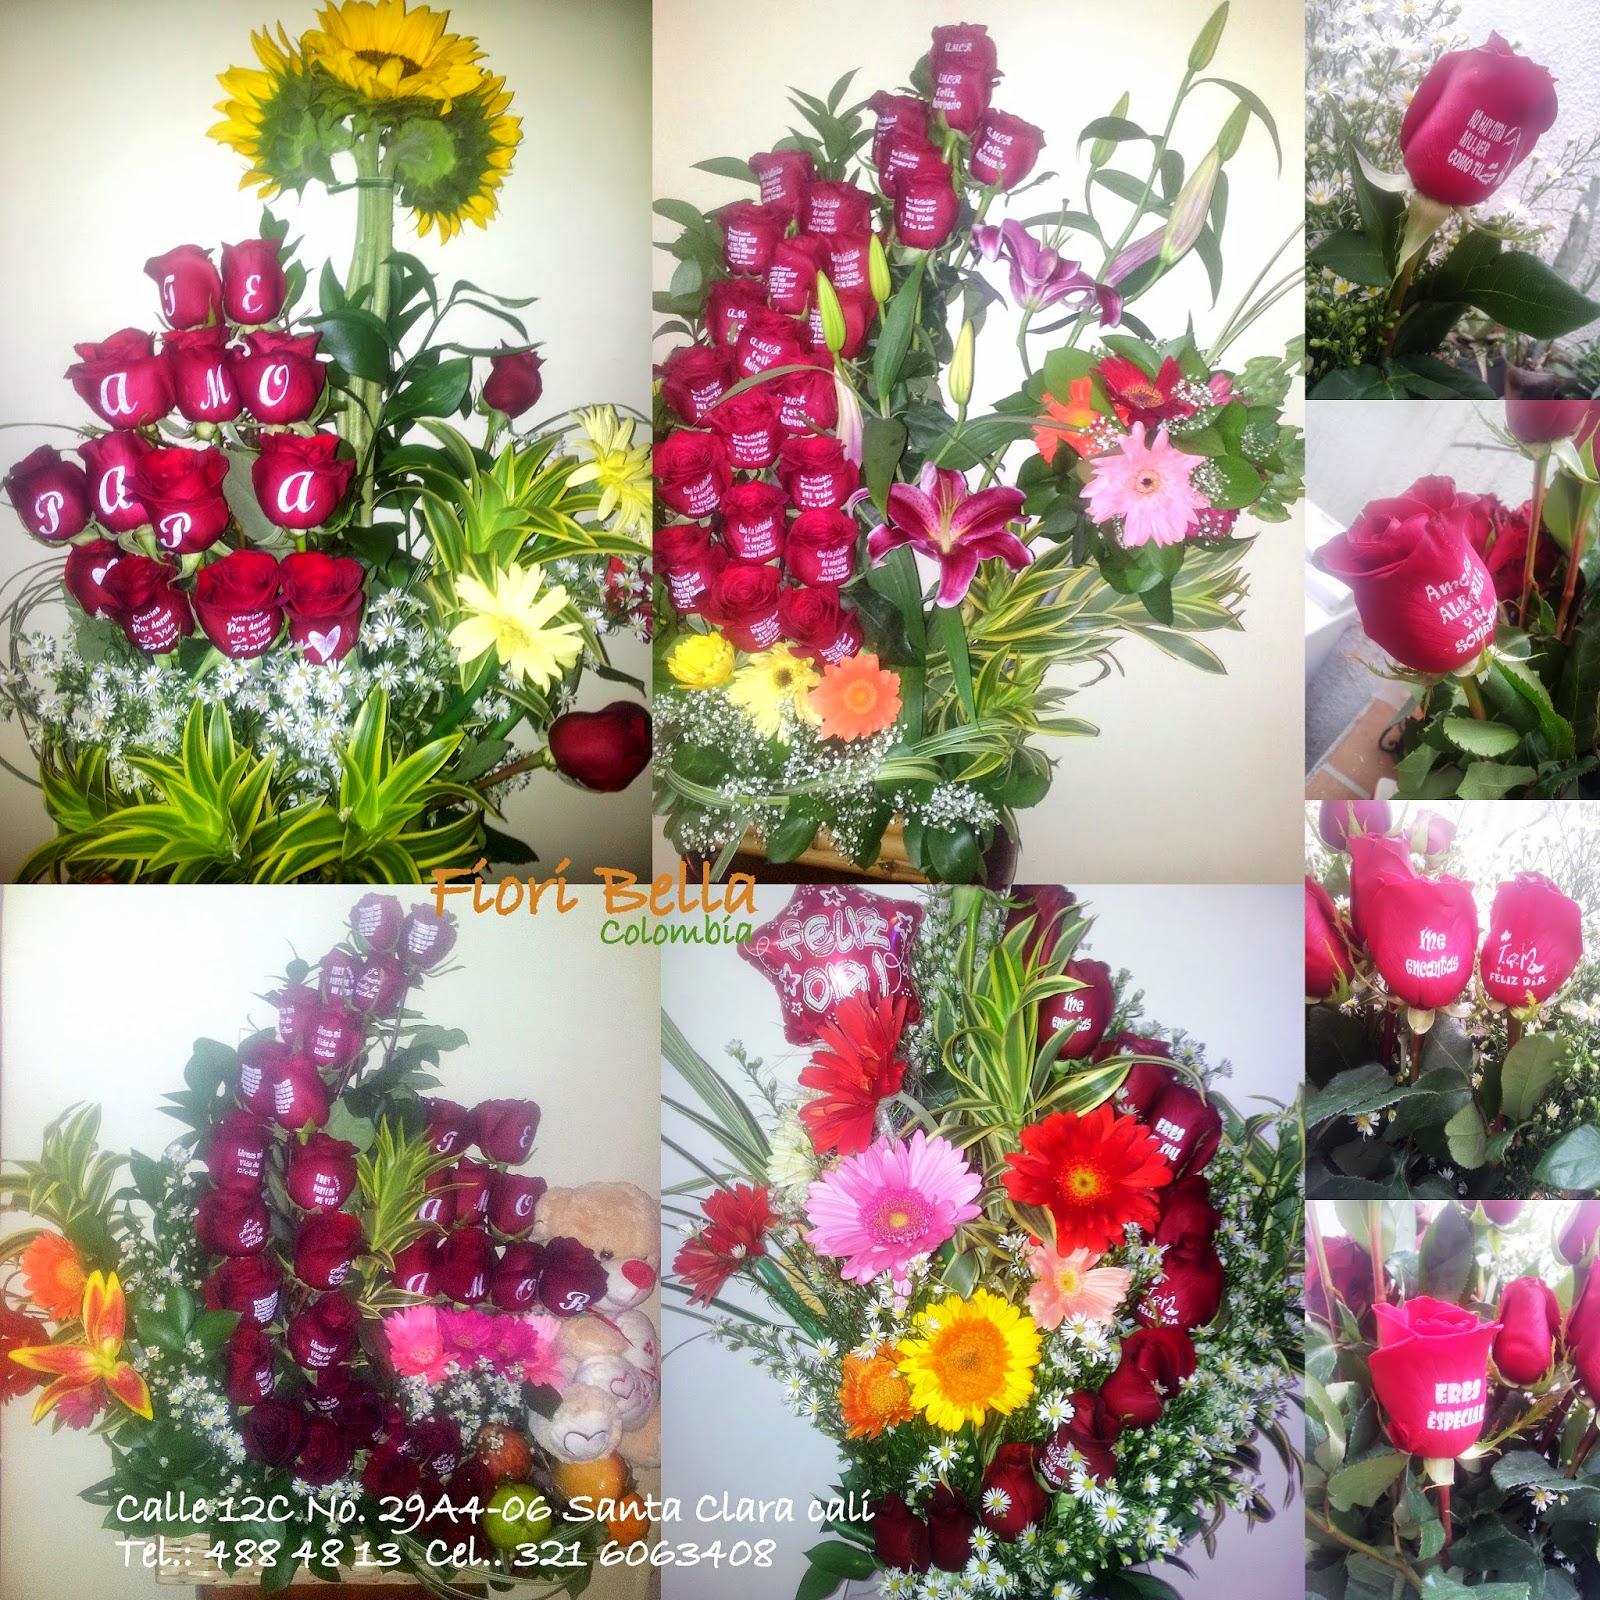 Arreglo Floral Imágenes De Archivo Vectores 123RF - Imagenes De Arreglos Con Rosas